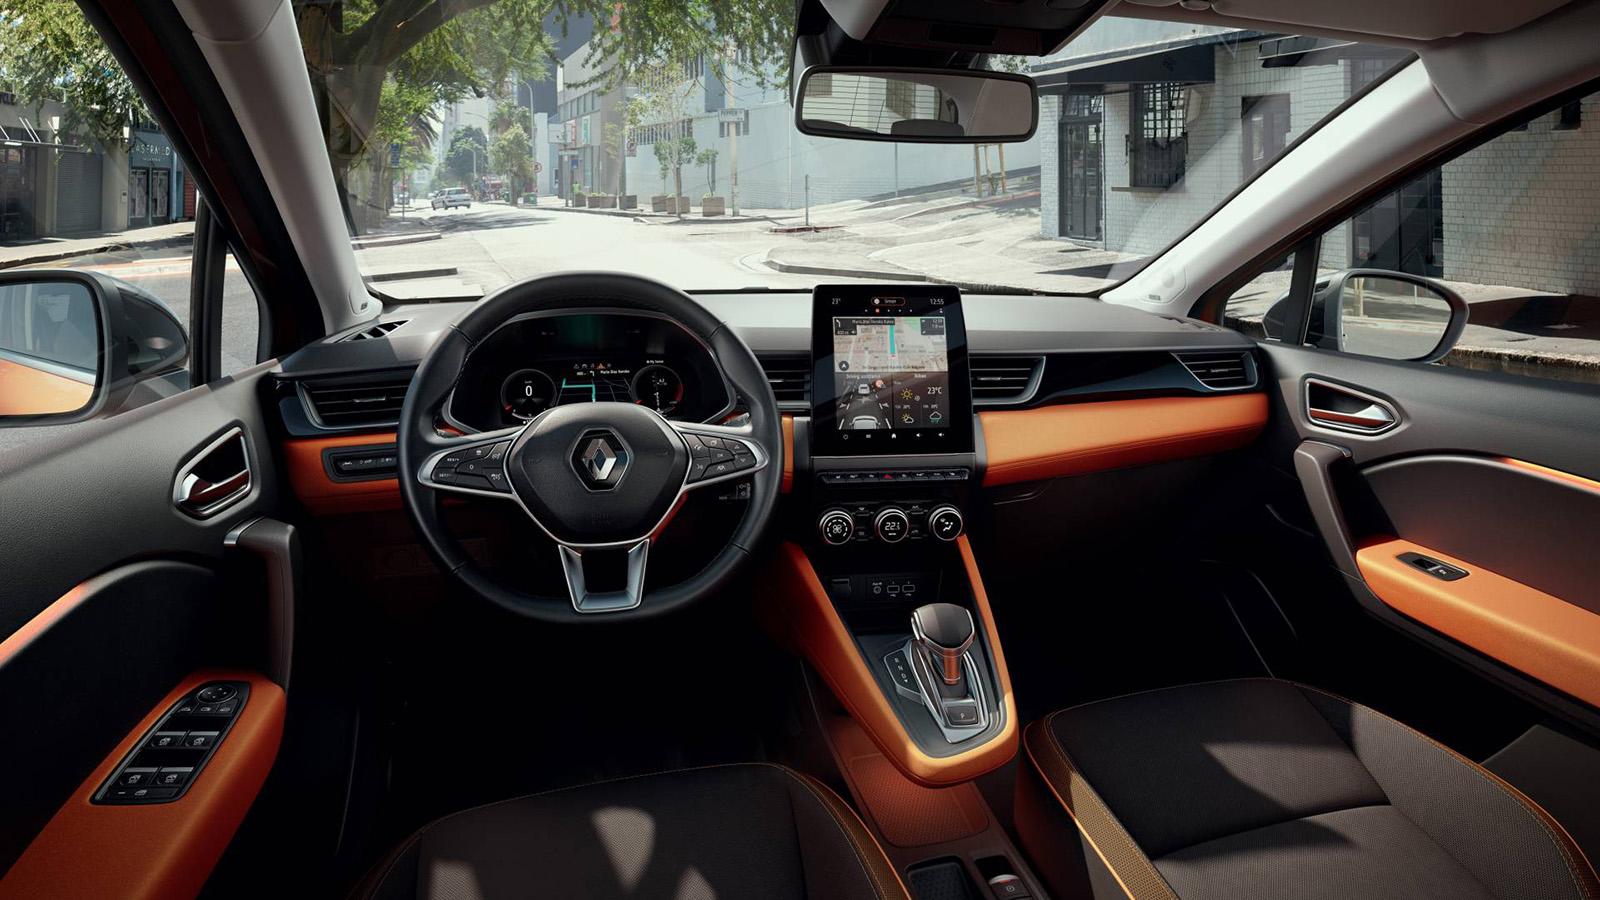 Pret Renault Captur cat costa alternativa Dacia Duster (1)